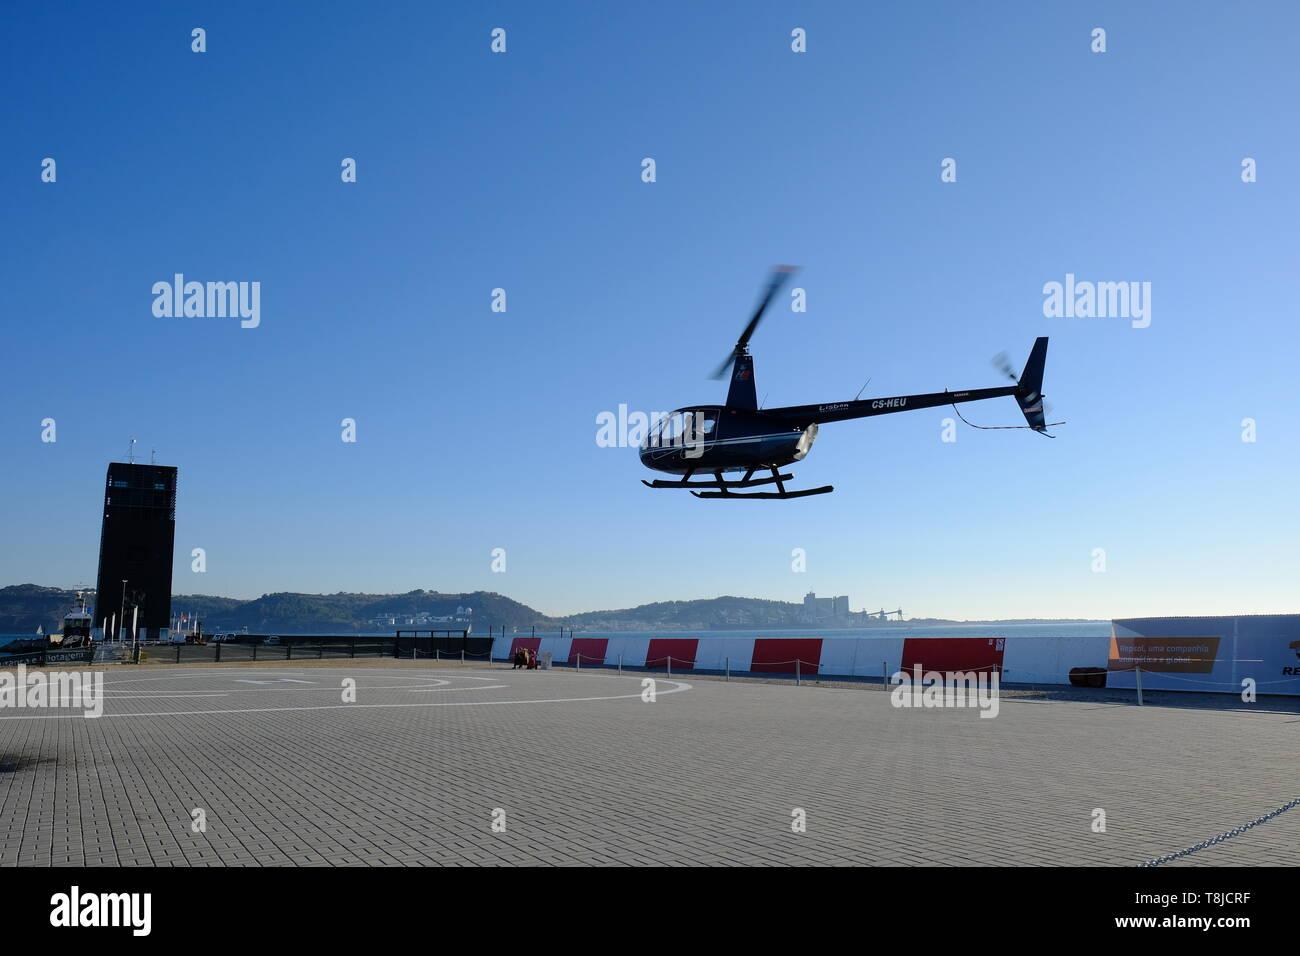 Helicóptero aterrizaba con el azul claro del cielo sin nubes en el fondo Imagen De Stock